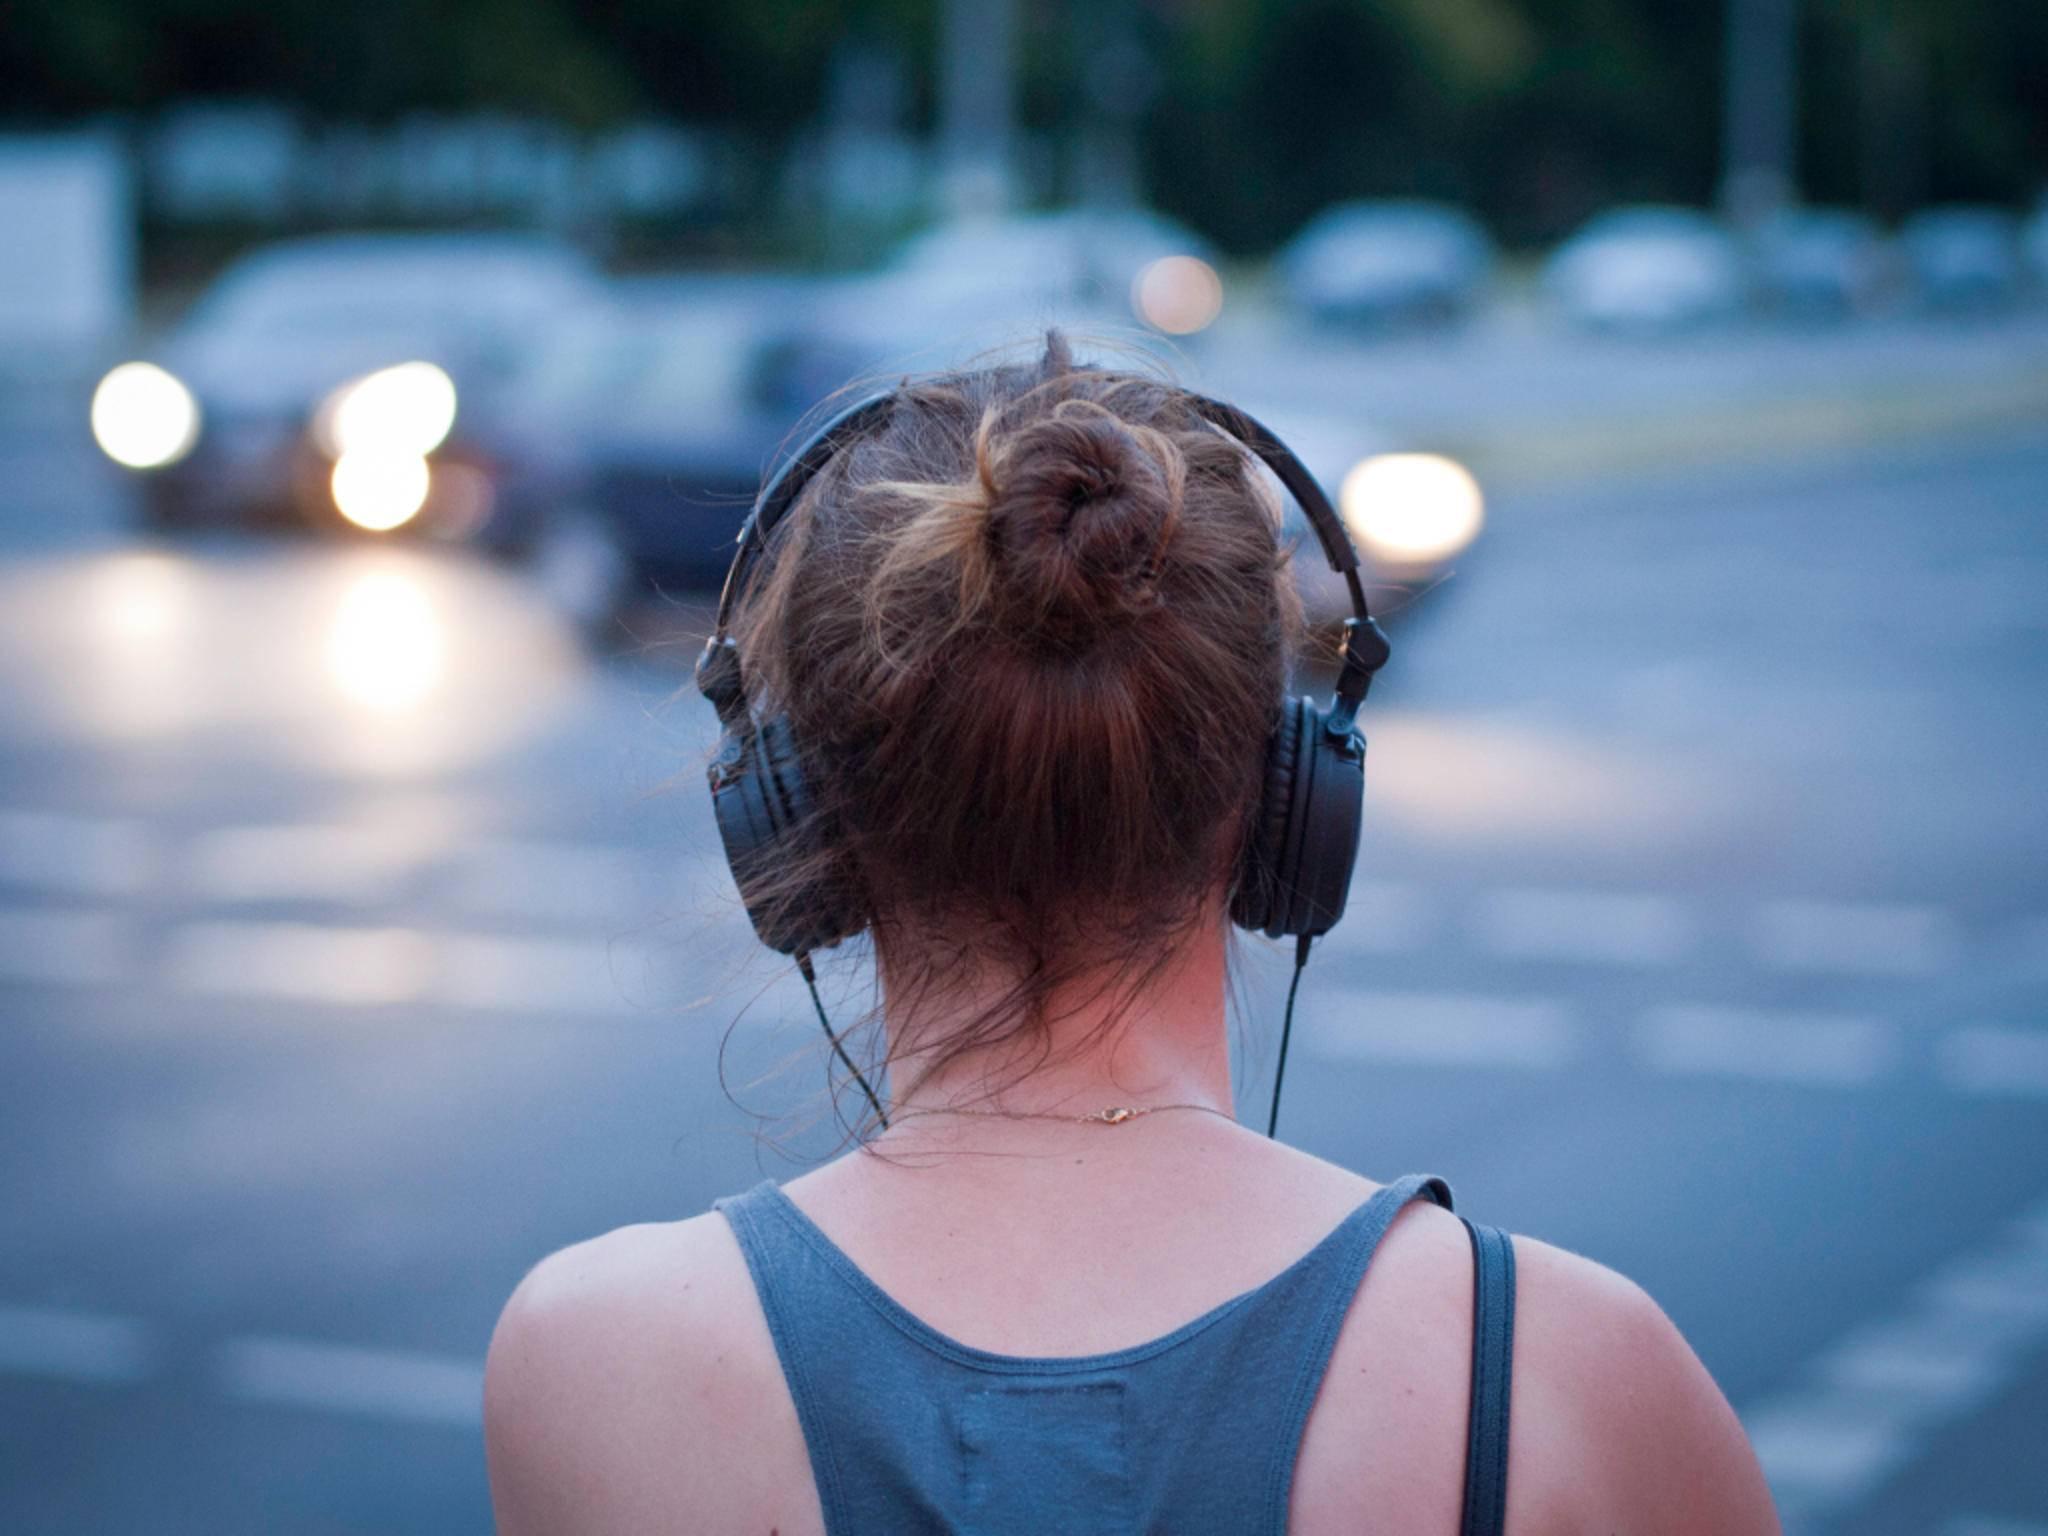 Bügelkopfhörer haben einen besseren Sound als In-Ear-Headphones.